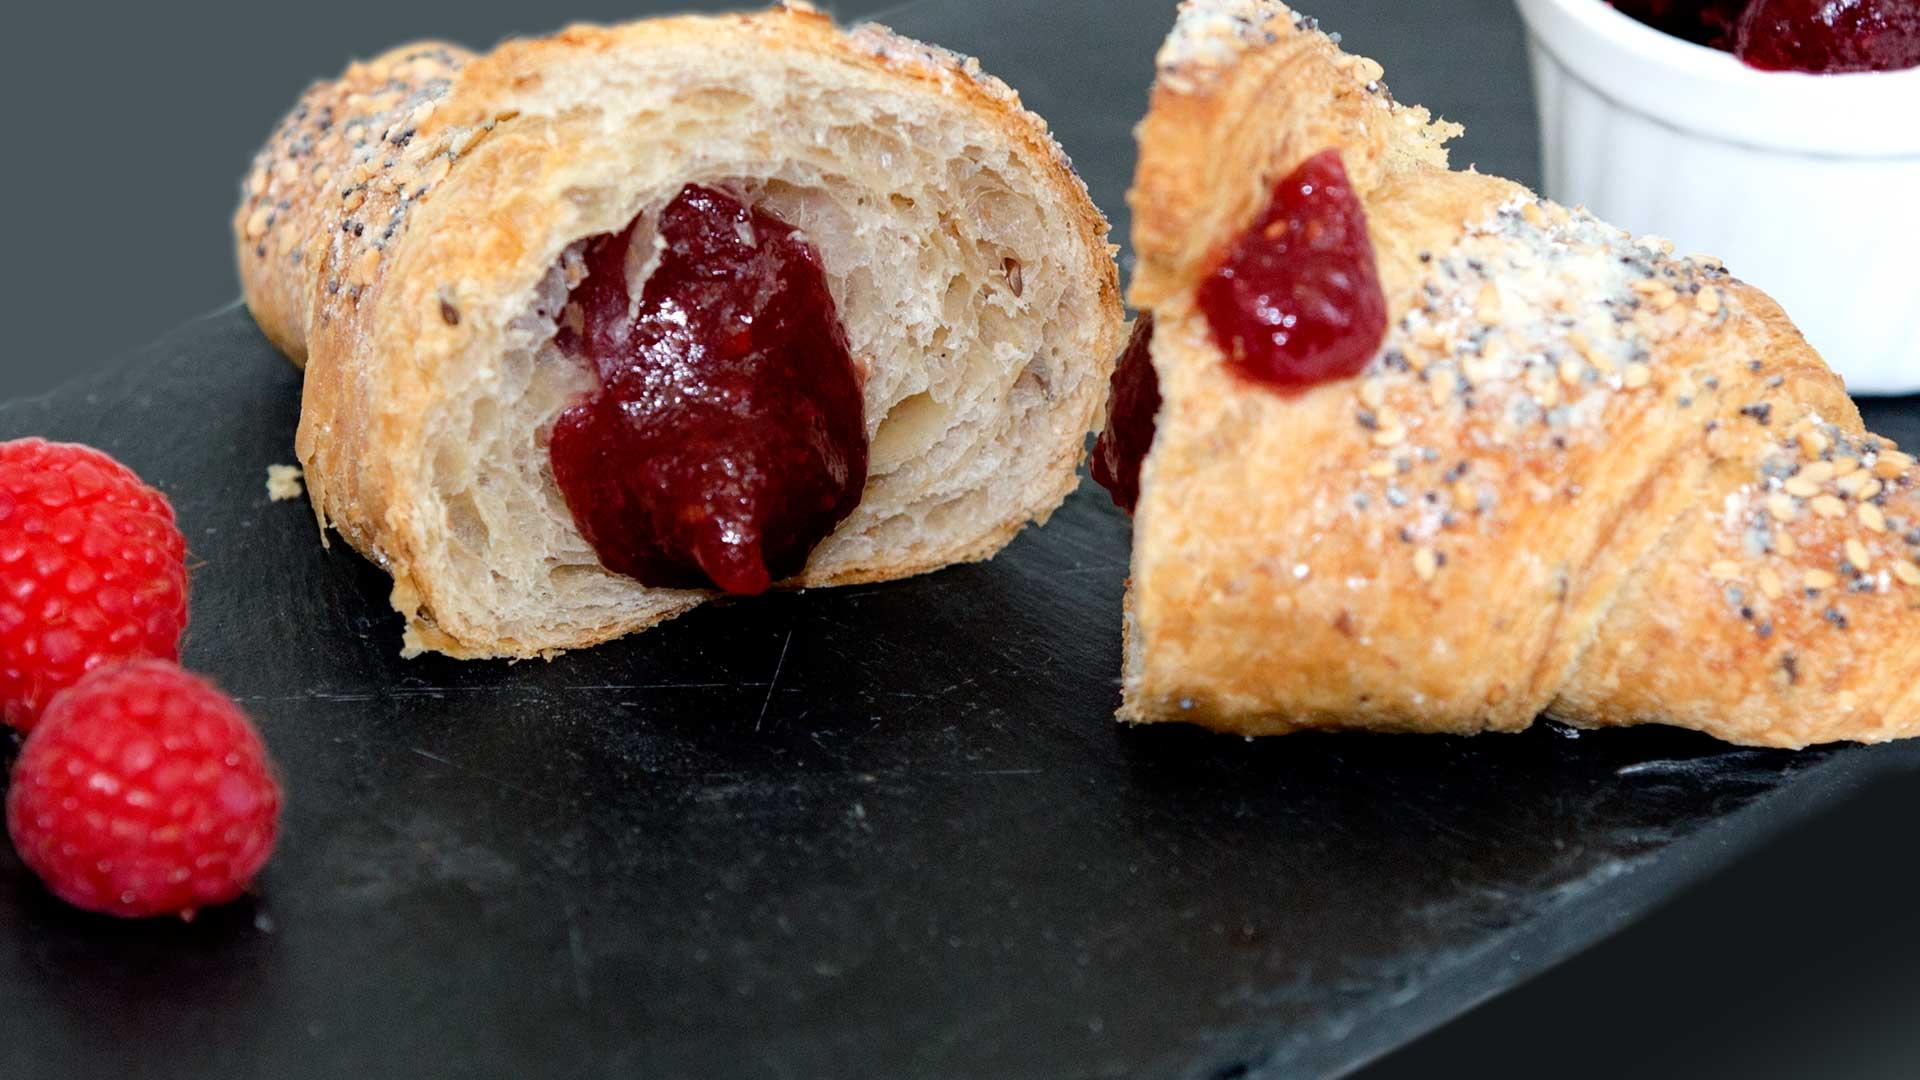 foodjoy-sweet-bakery-laboratorio-pasticceria-cantu-brioches-pasticcini-torte-caffe-brioches-frutti-di-bosco-001